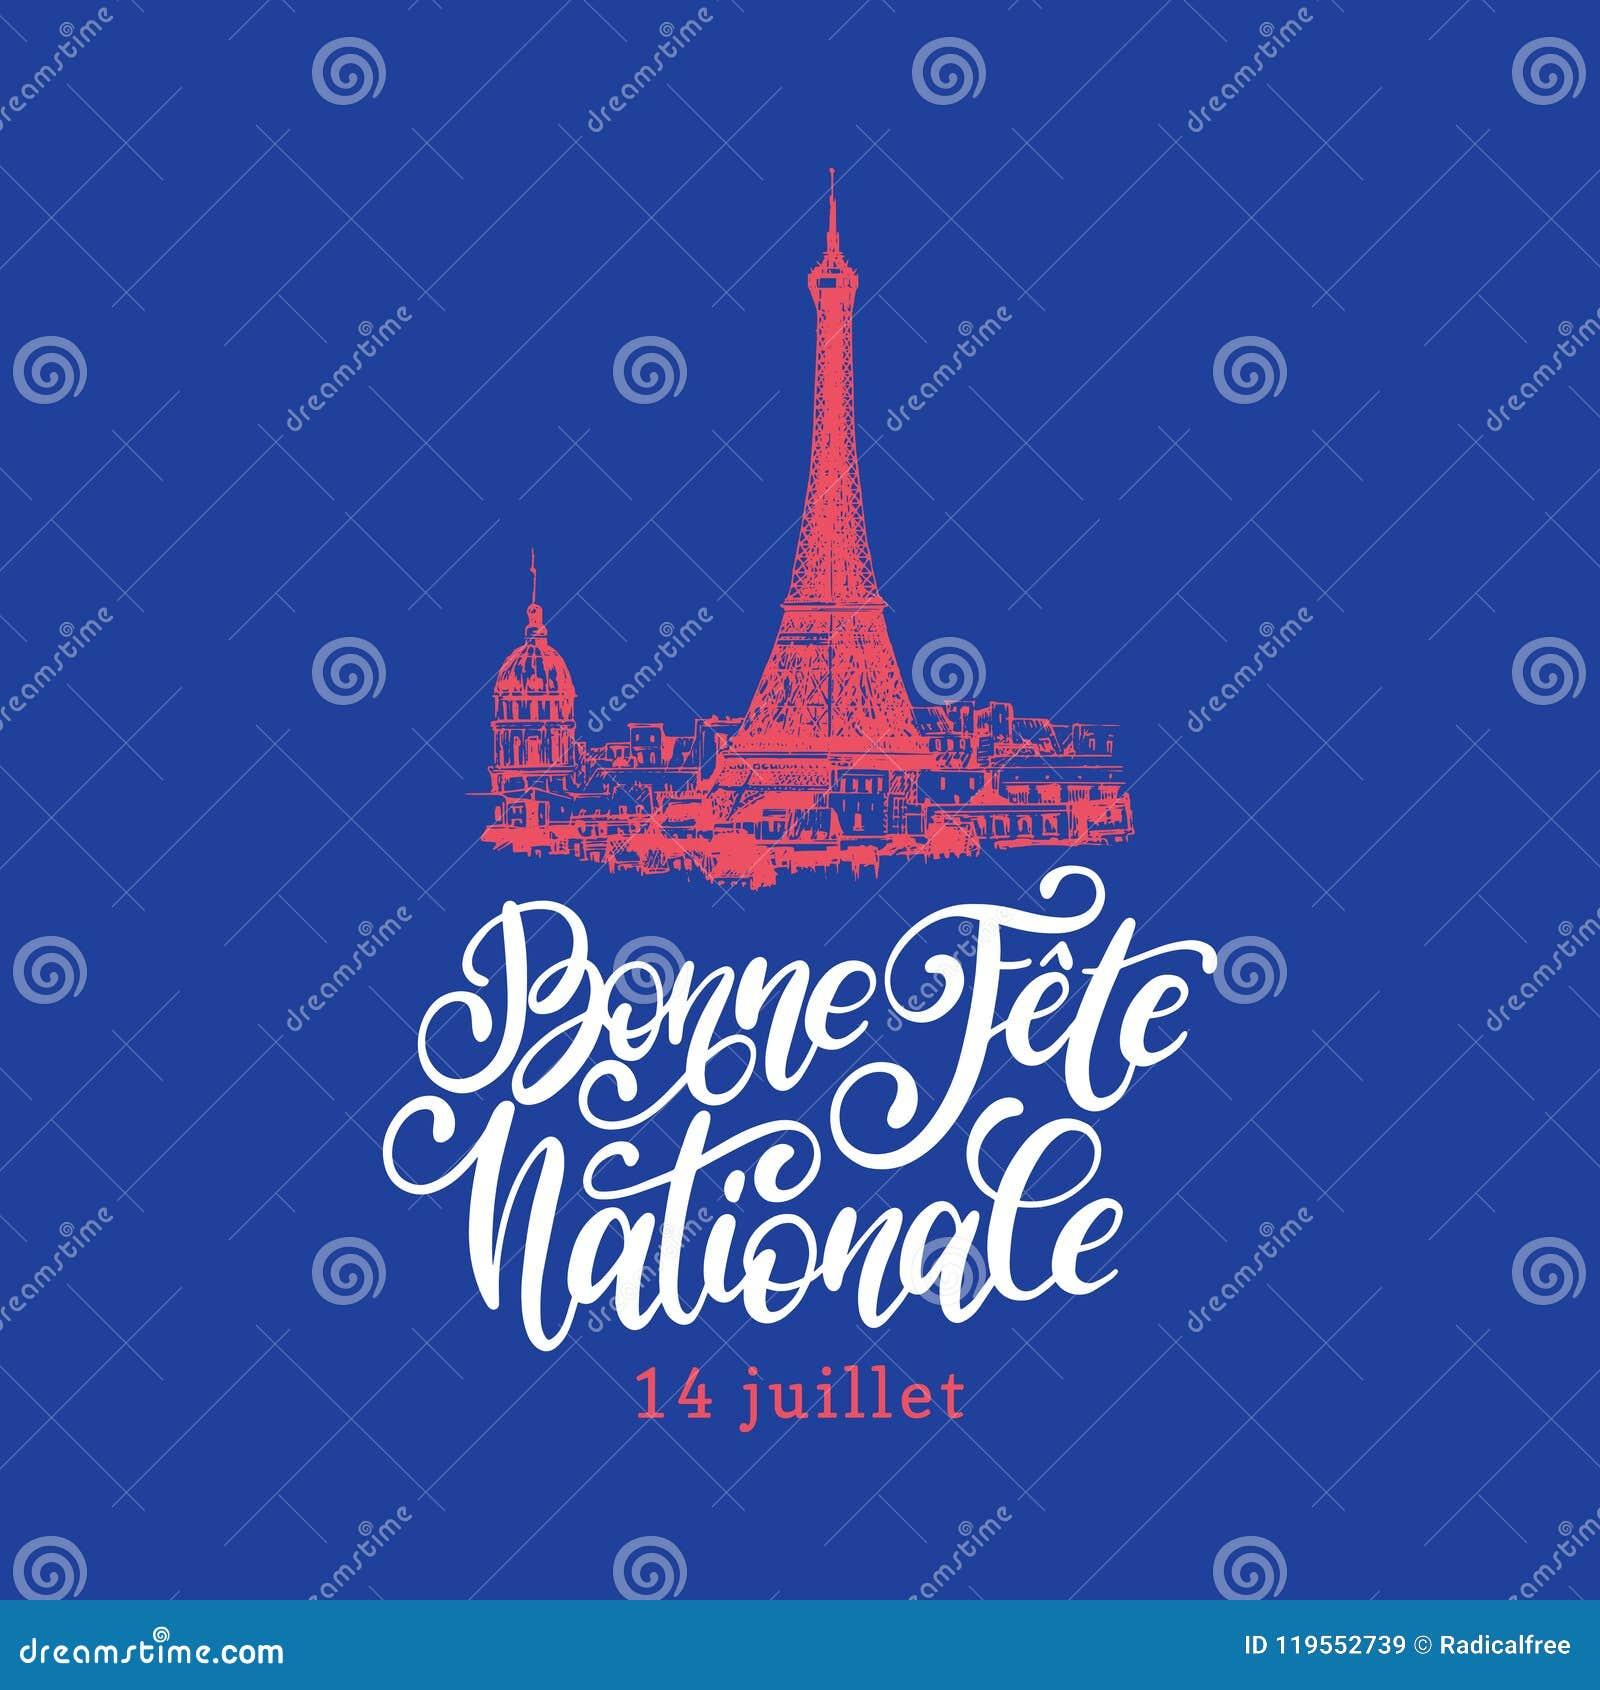 Fiesta Nationale Letras De Bonne De La Mano Frase Traducida